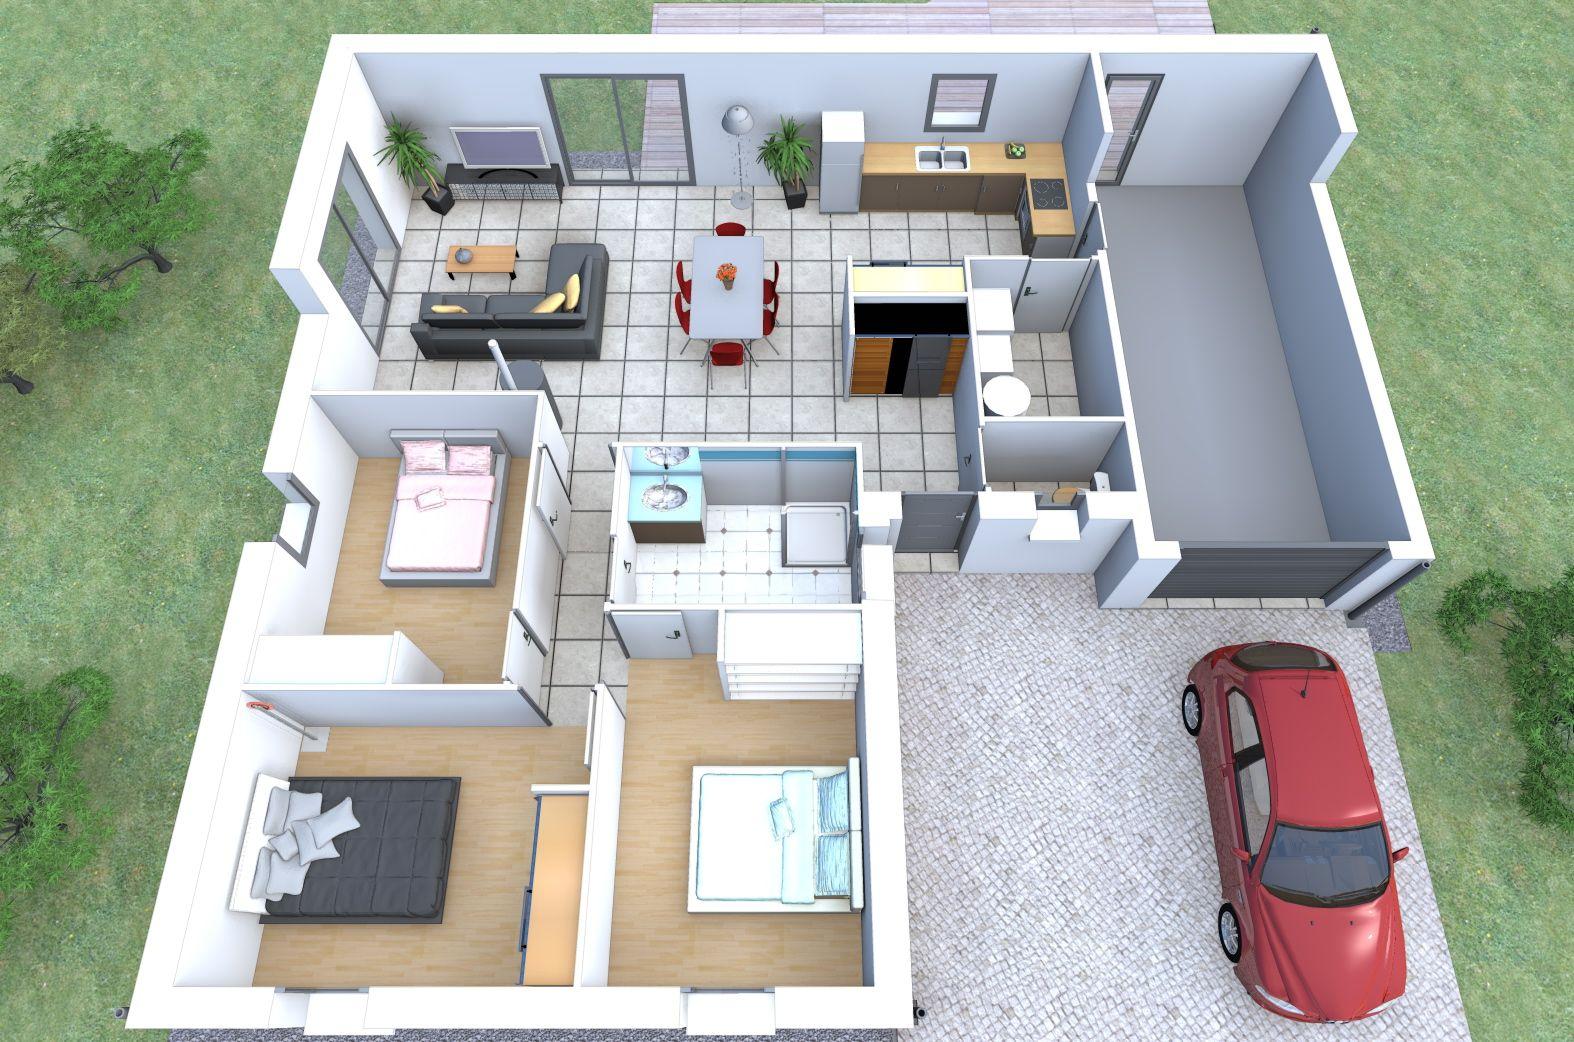 Imaginez le rez de chaussée de votre maison sur mesure alliance construction avec ce plan en